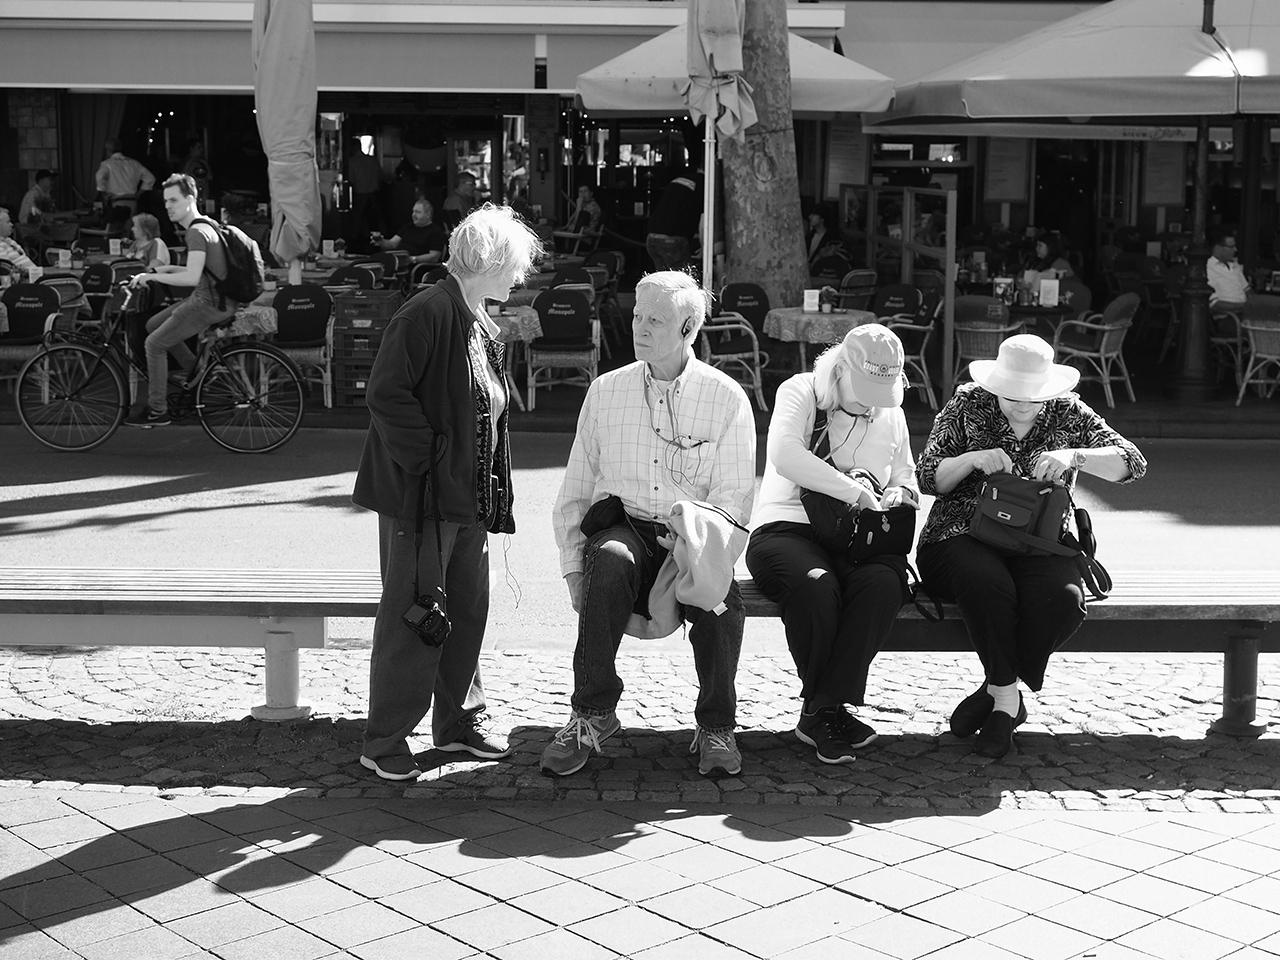 Siyah Beyaz Sokak Fotoğrafçılığı ne bu kadar popüler